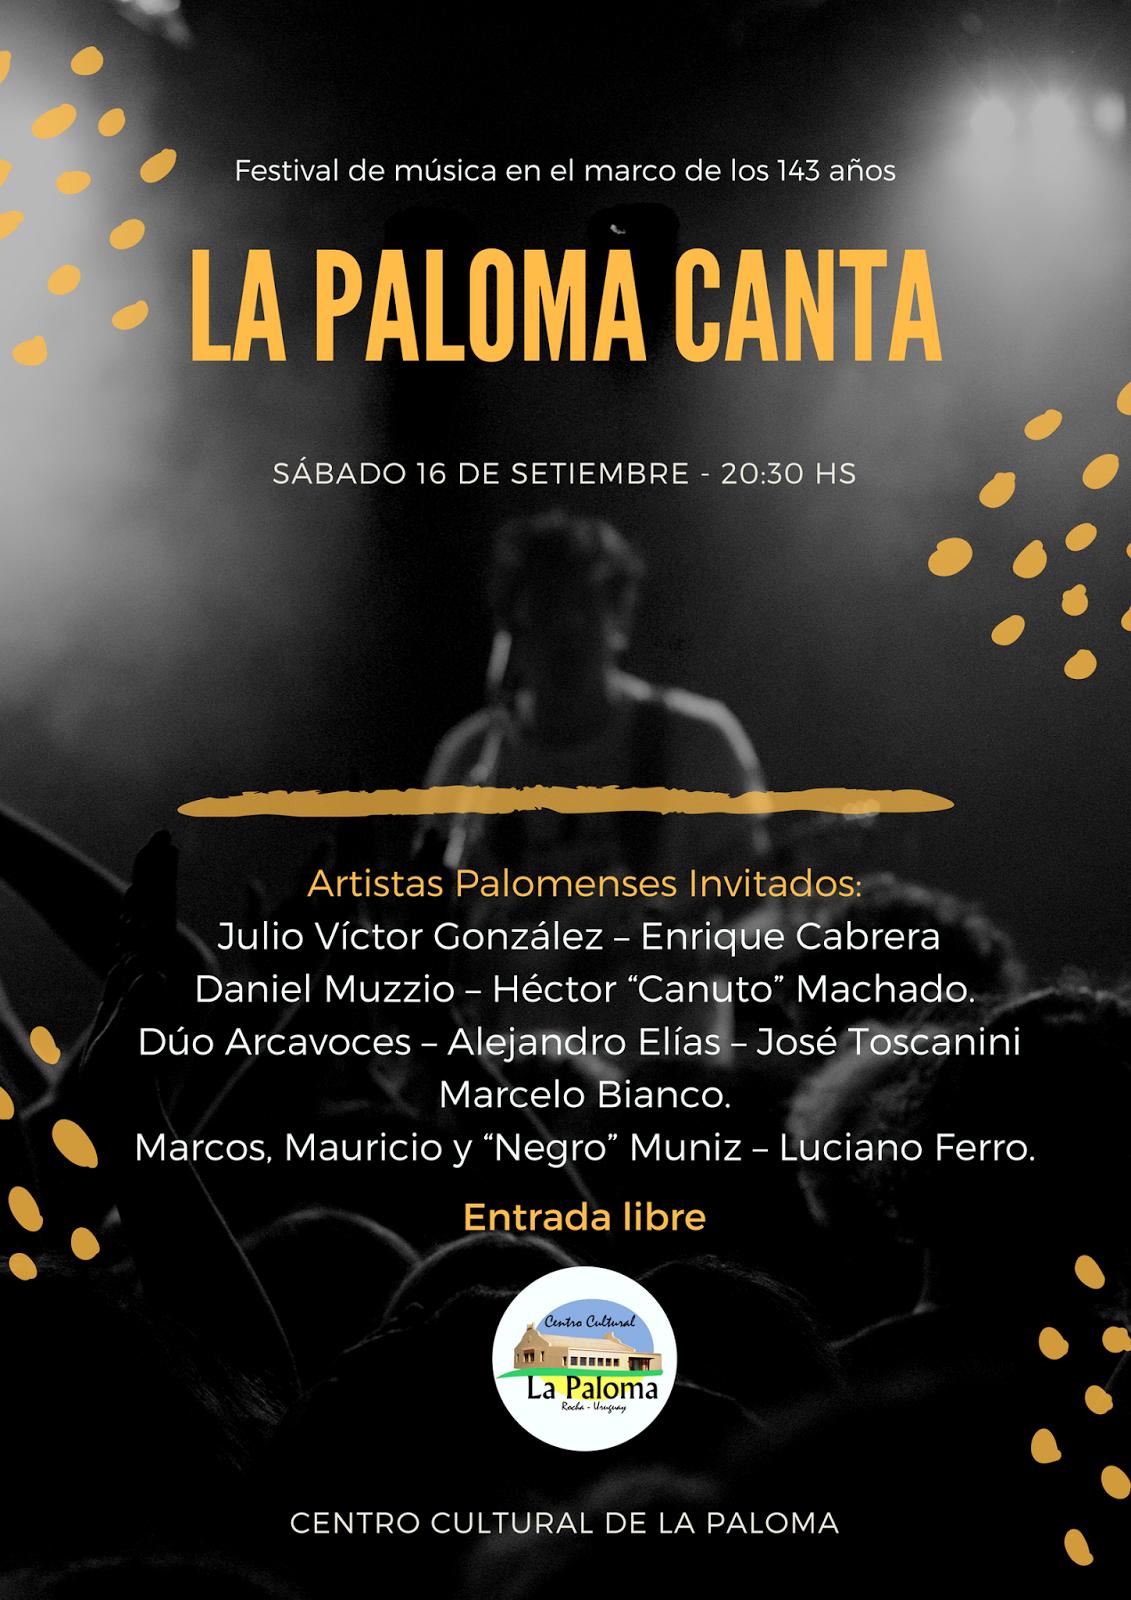 Centro Cultural La Paloma: Sábado 16 de Setiembre \